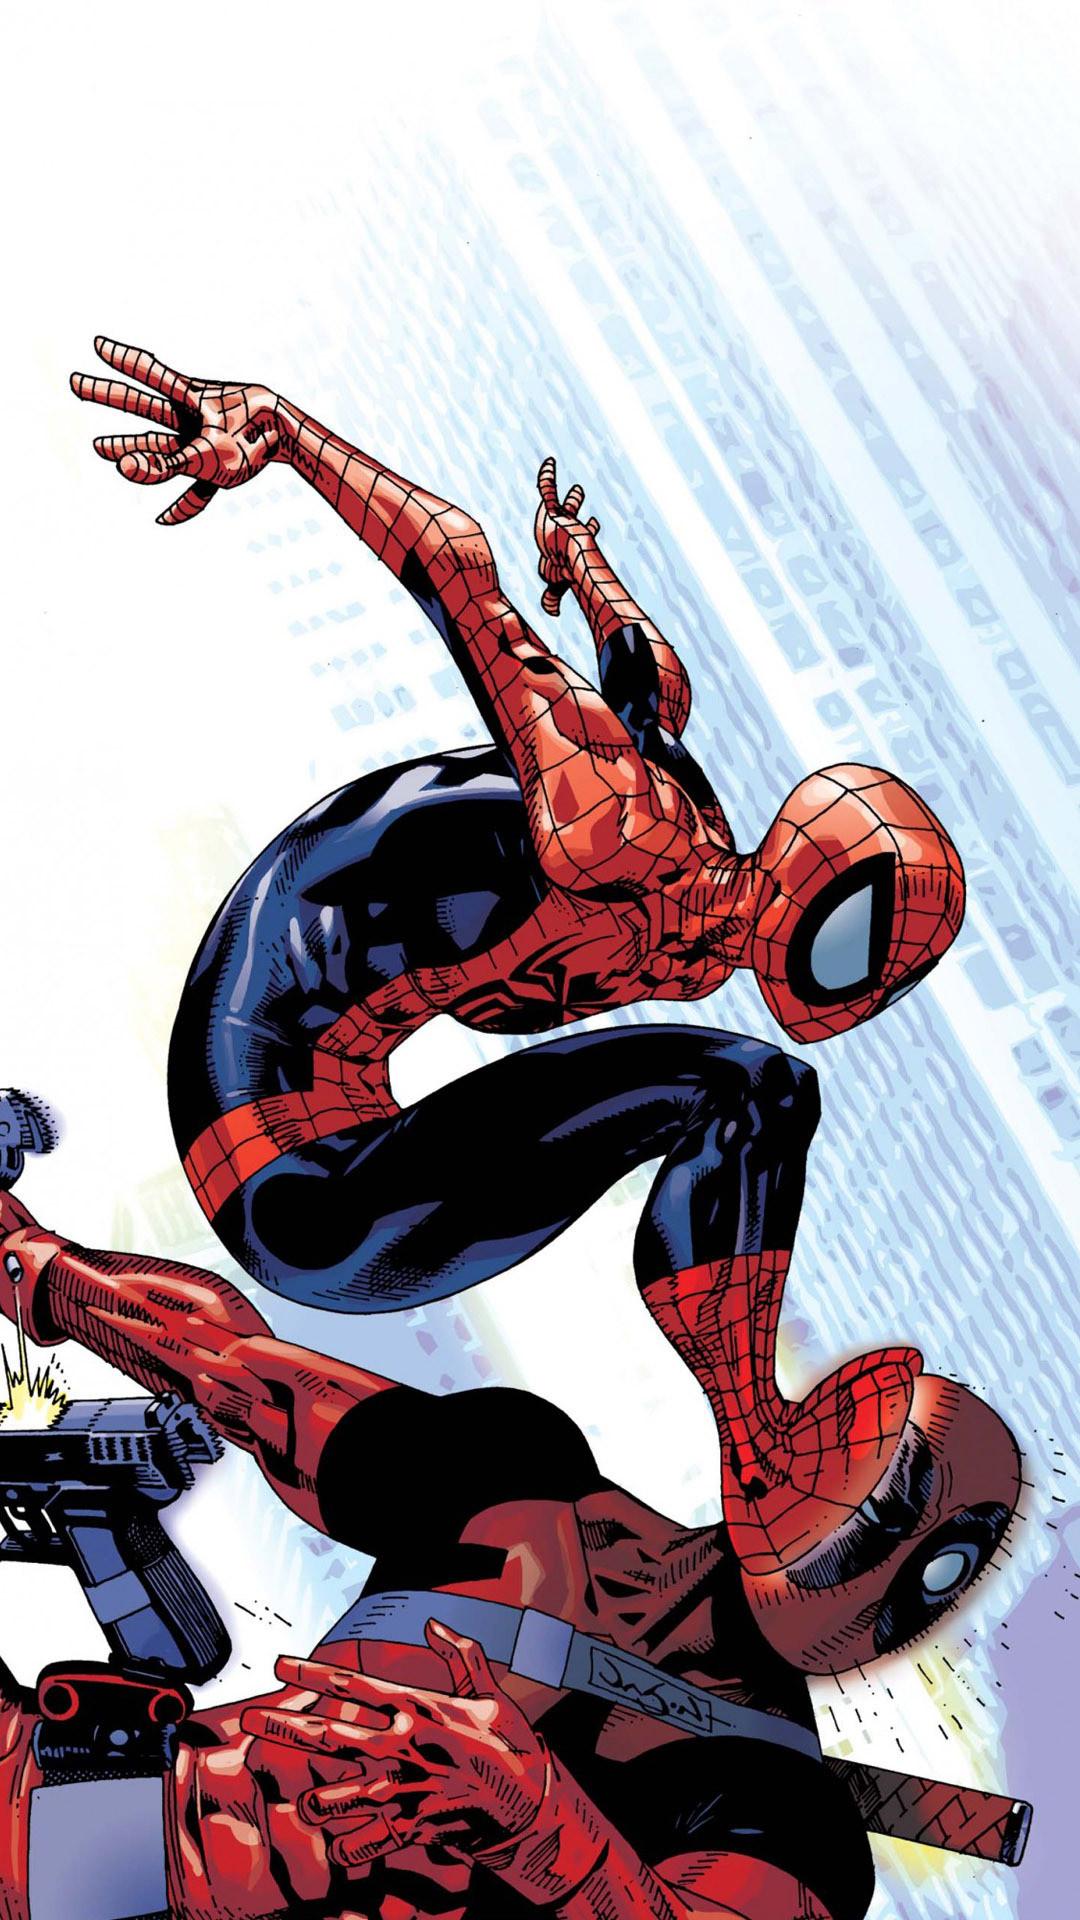 Spider-Man vs Deadpool Wallpaper